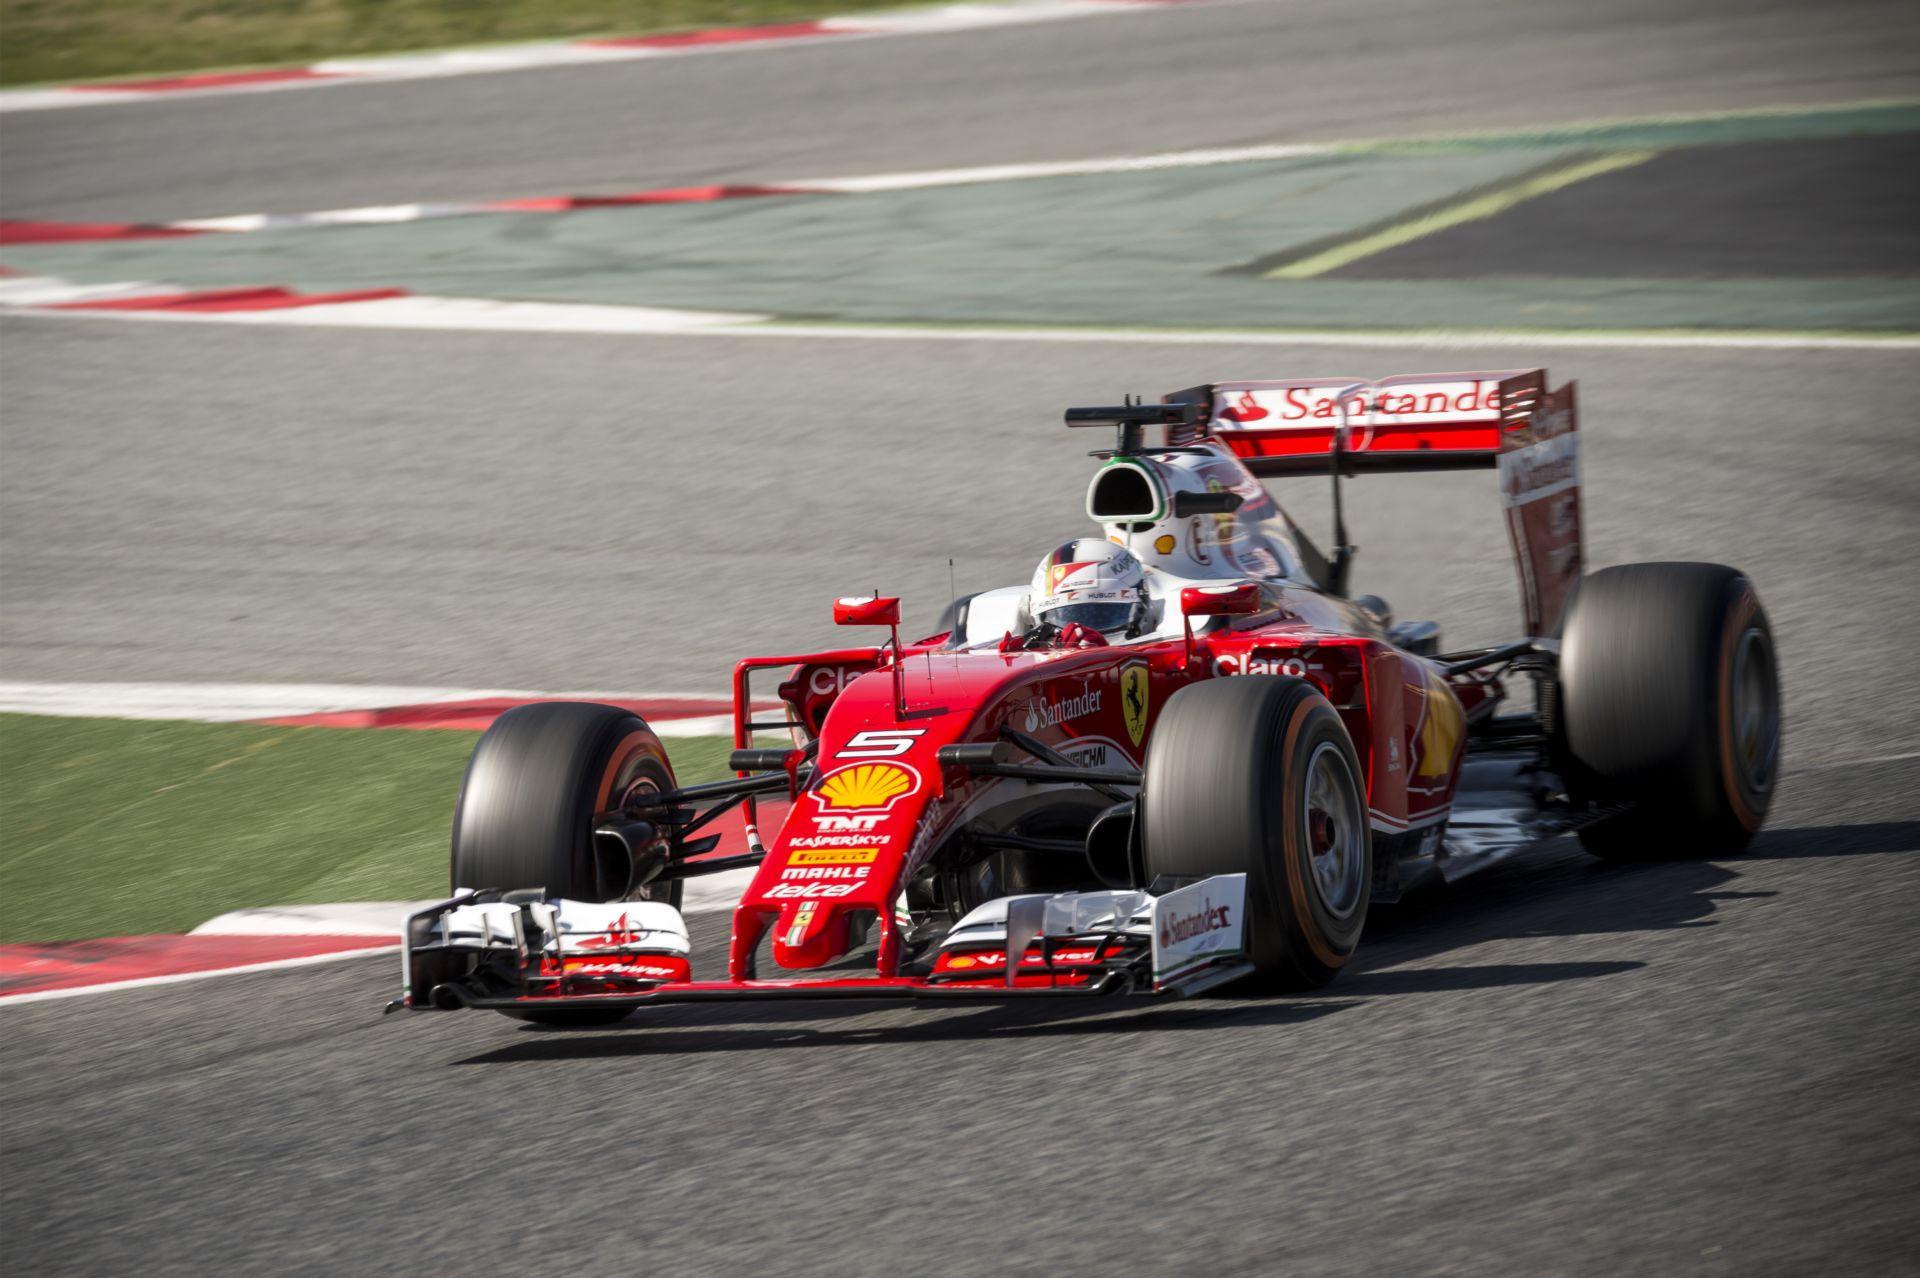 Vettelnek annyi ideje volt, hogy életében először még át is öltözött az időmérő végén!